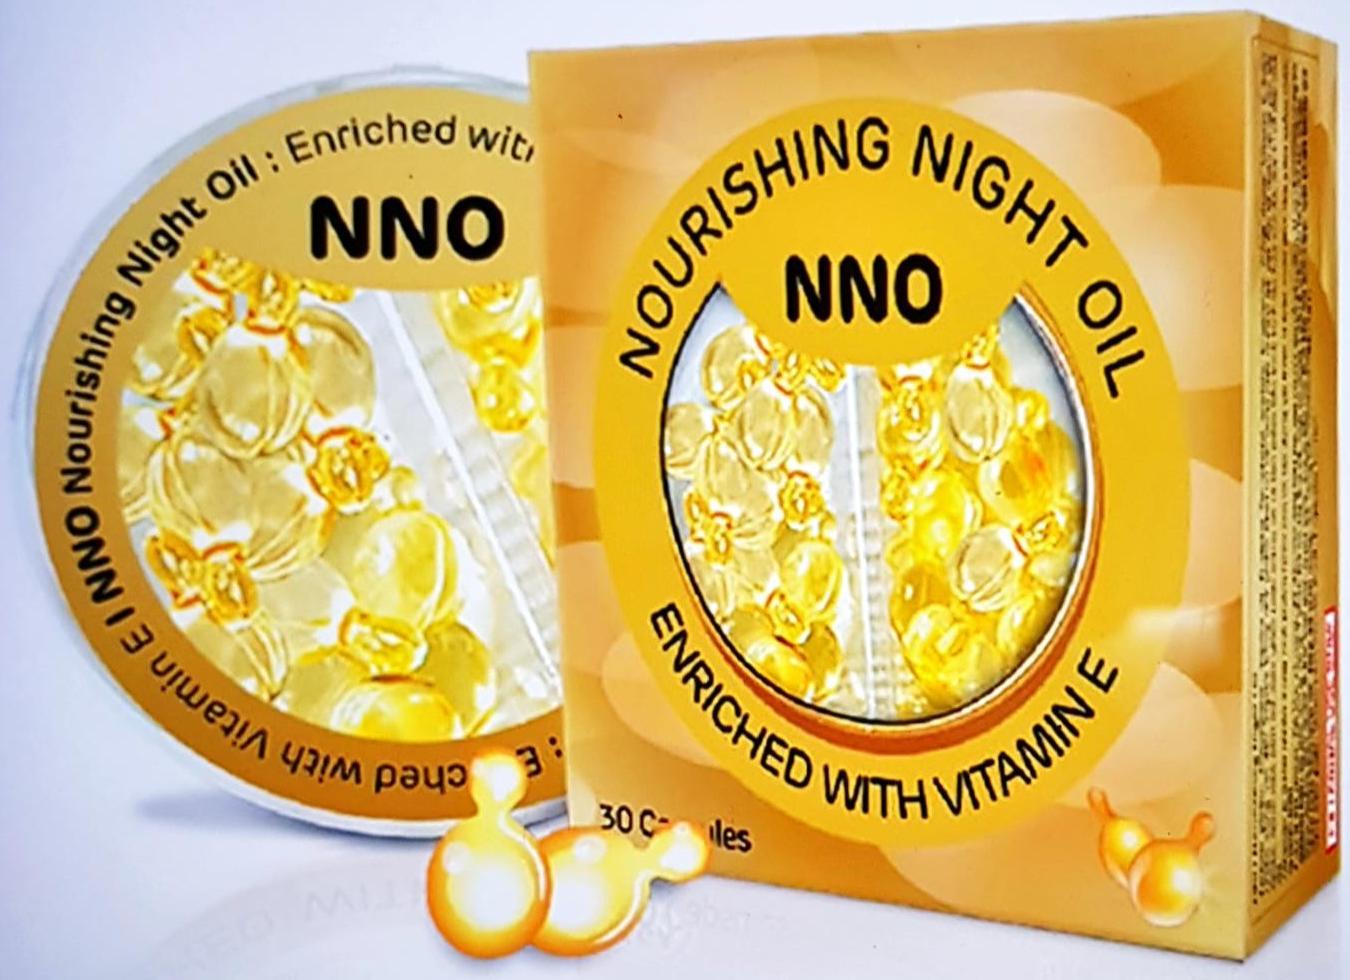 Dầu dưỡng da ban đêm NNO - Cân bằng da với dưỡng chất Vitamin E & dầu Jojoba